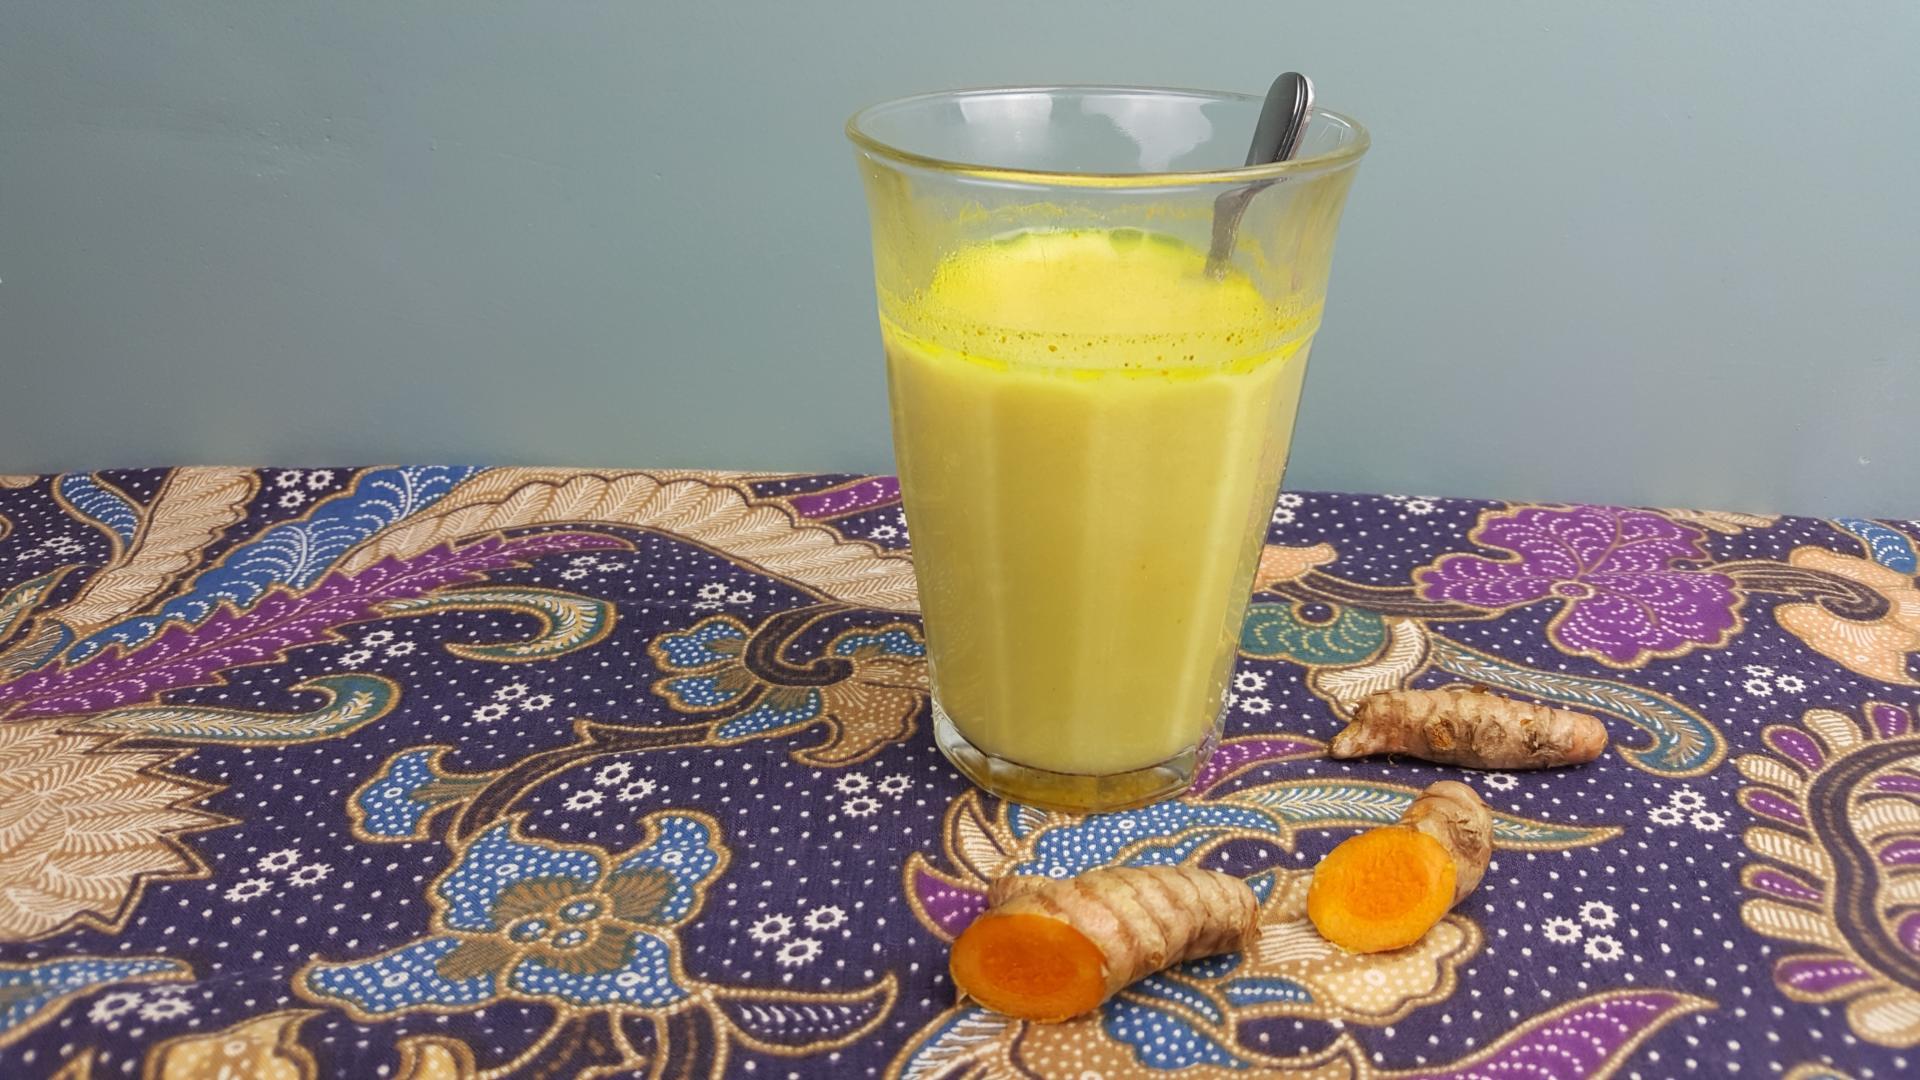 Uitgelichte foto voor het bericht Golden milk